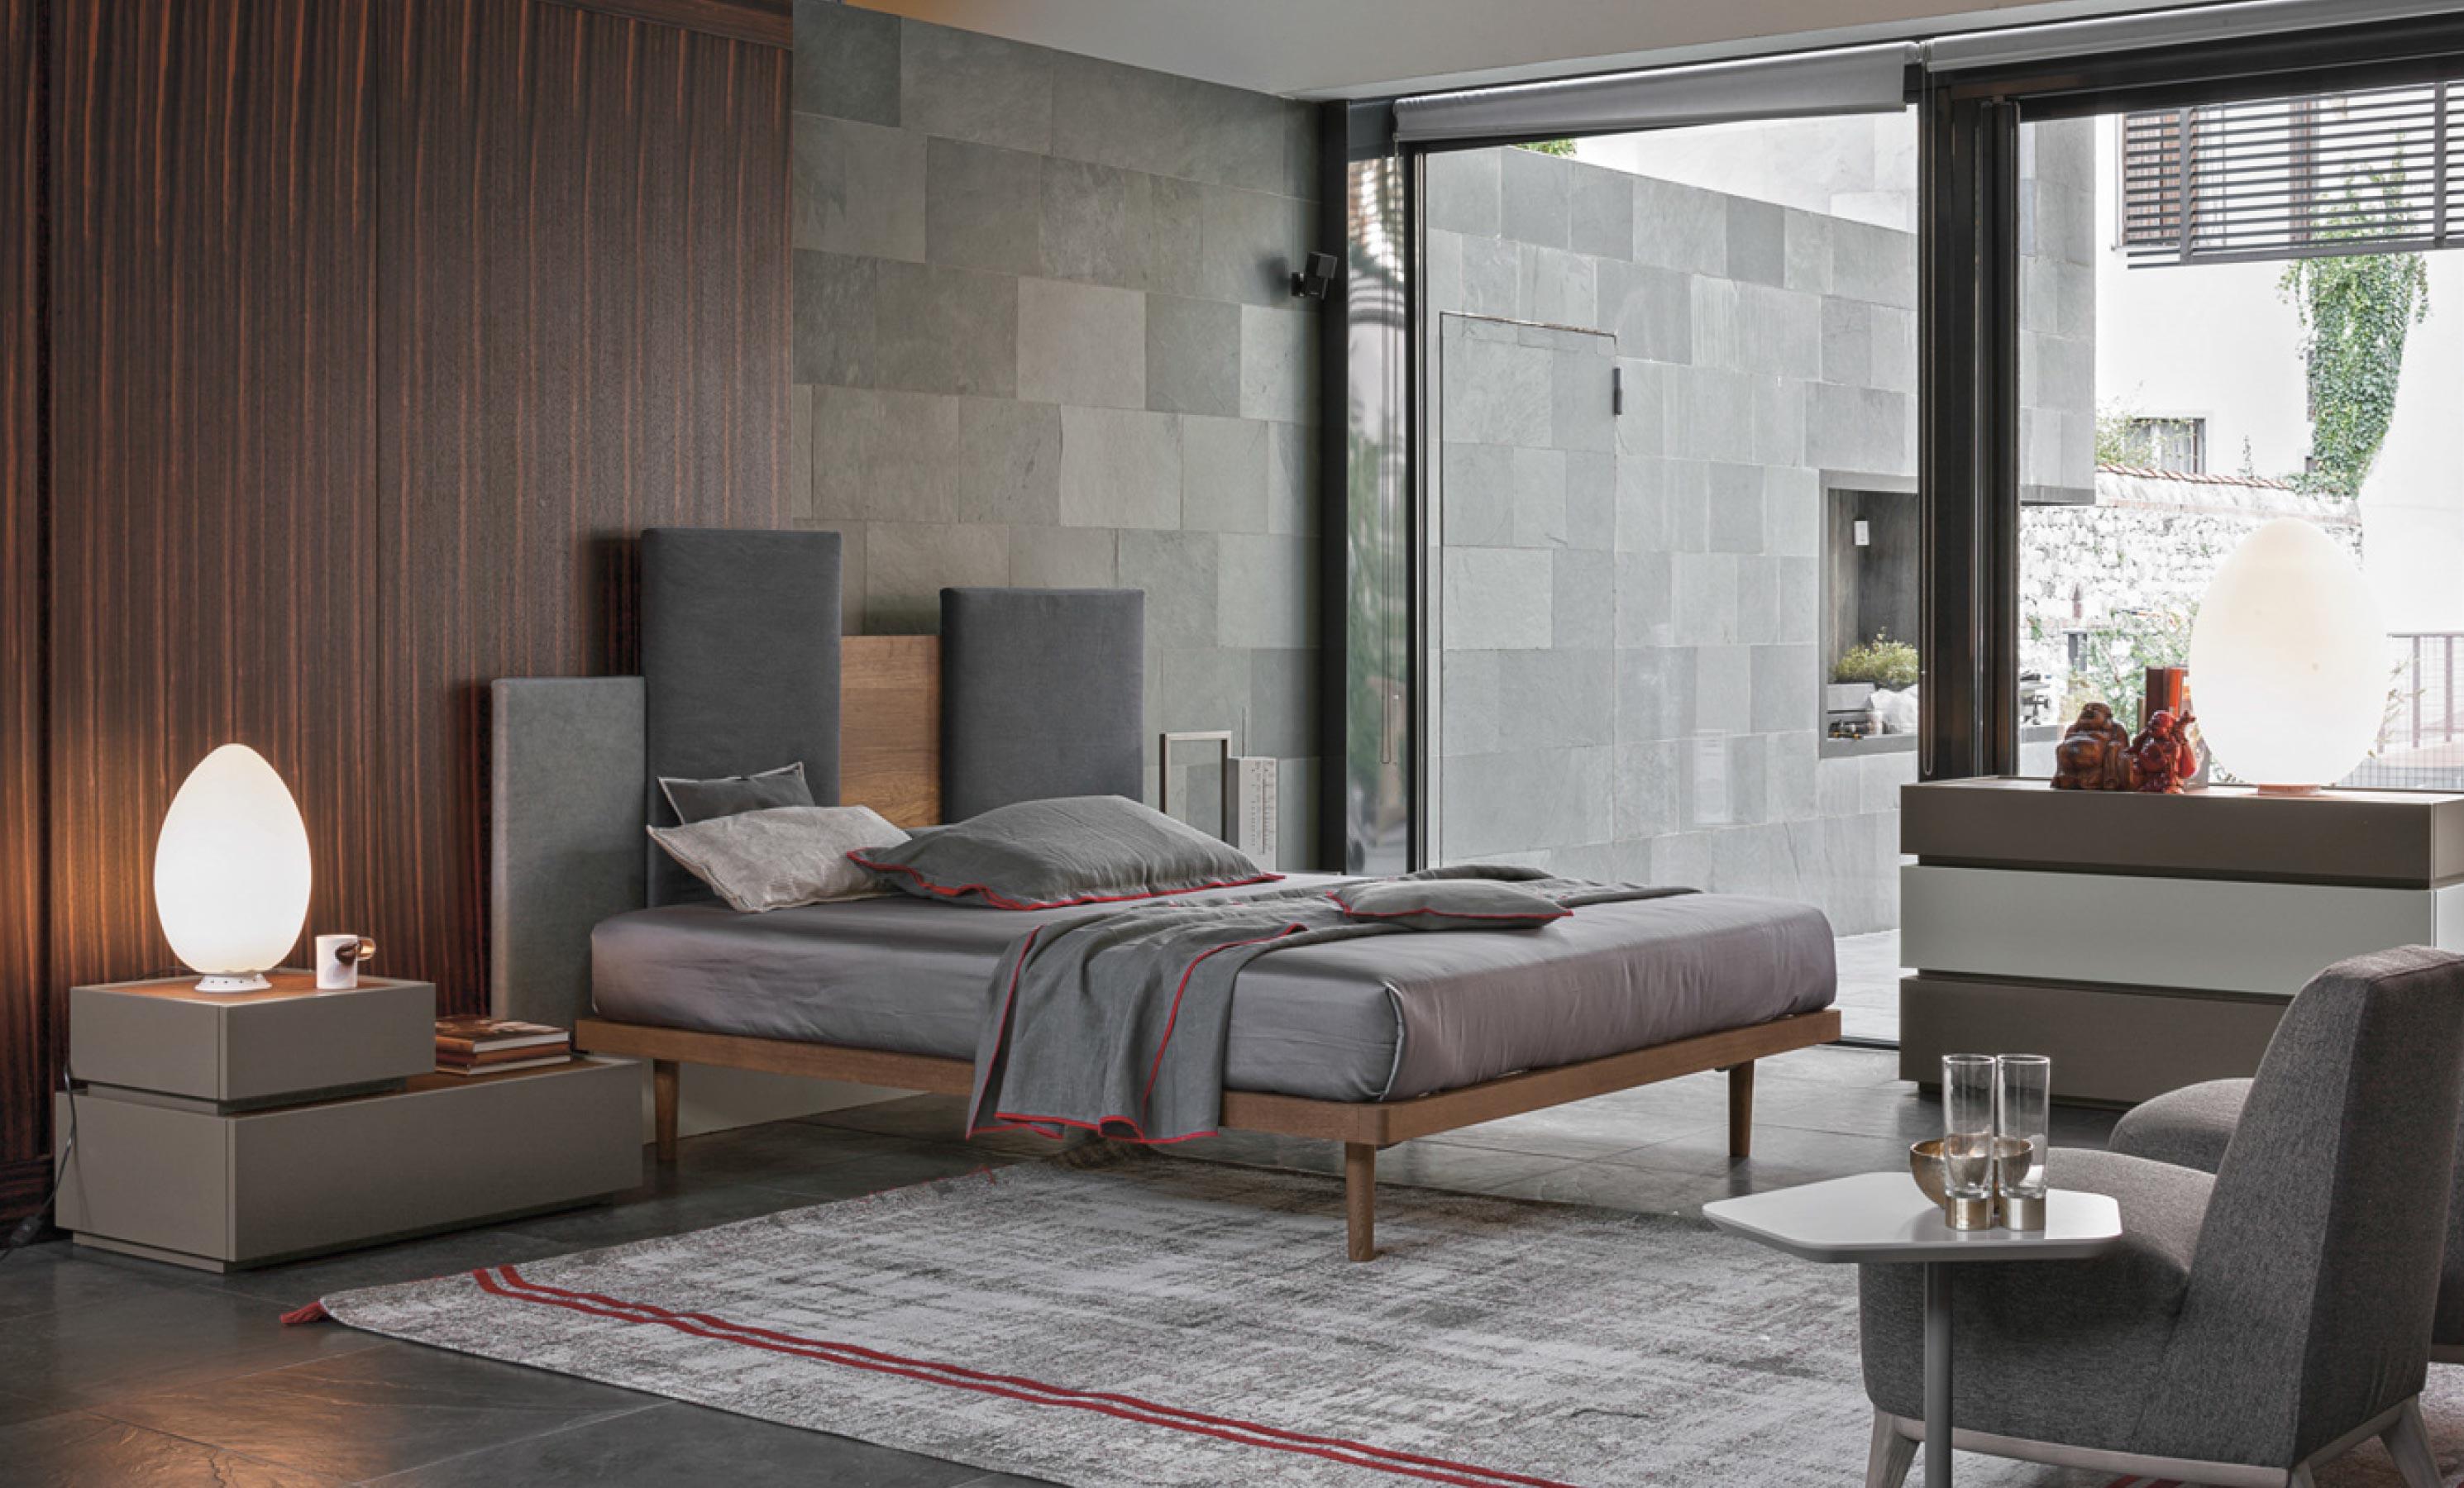 Tomasella letto skyline trittico replay ad arredamenti for Camere da letto zanette